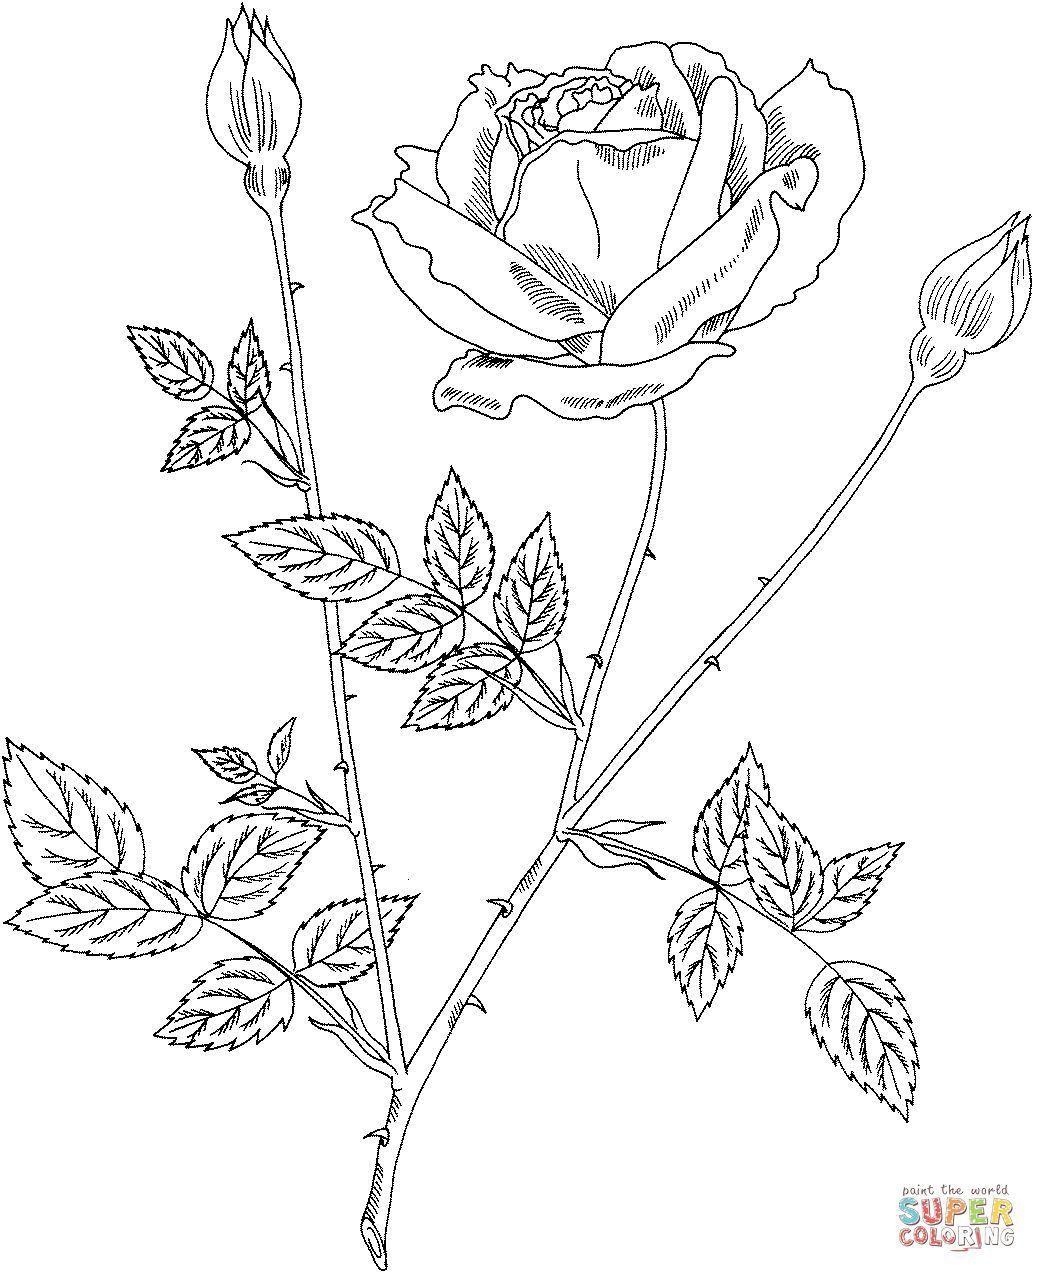 Tổng Hợp Cac Bức Tranh To Mau Hoa Hồng đẹp Nhất Danh Cho Be Coloring Pages Rose Coloring Pages Rose Flower Colors